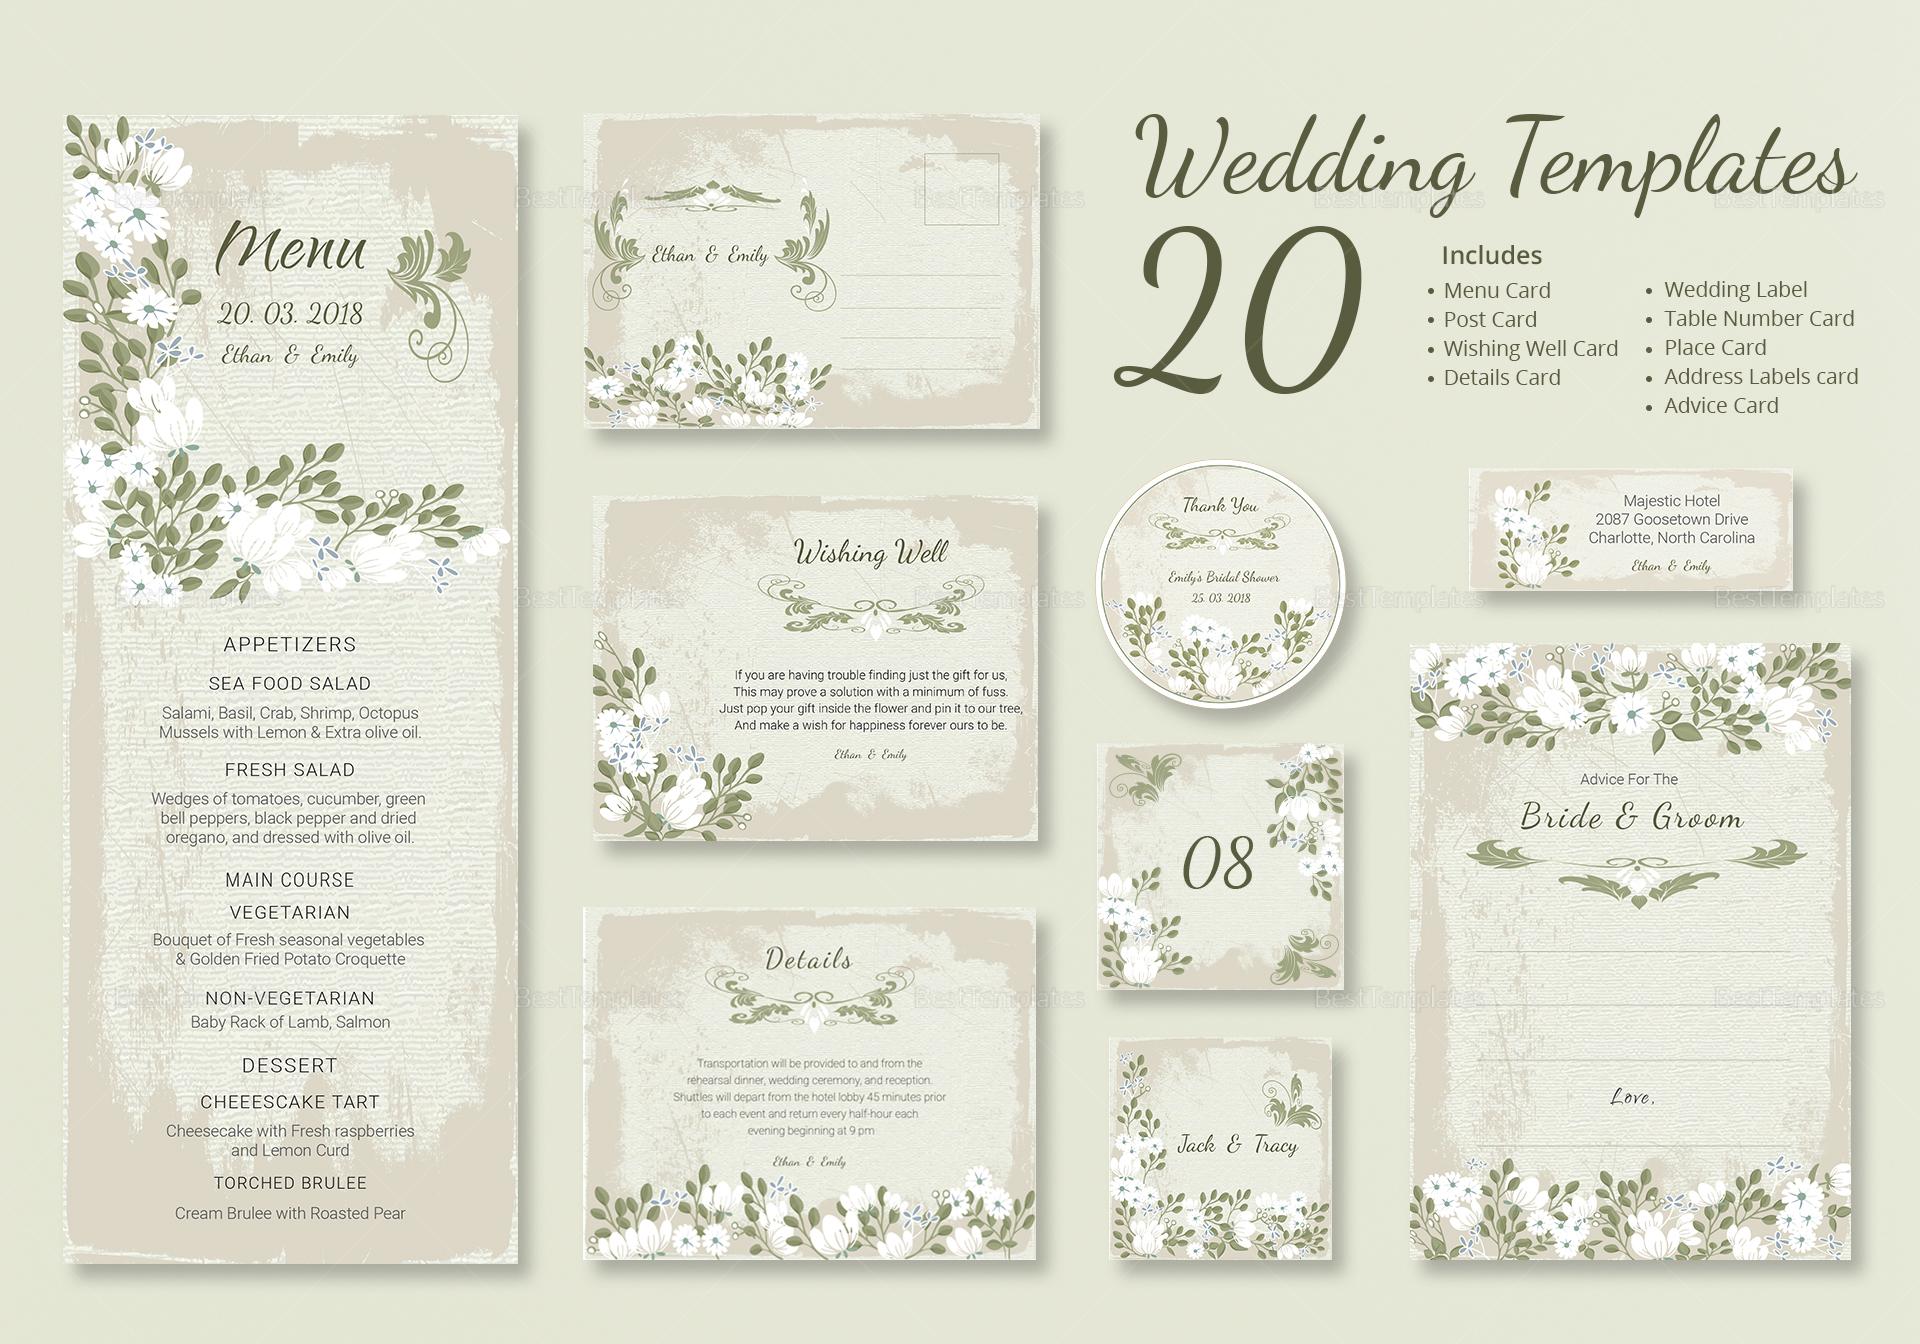 Vintage Wedding Templates (Includes 20 Designs)